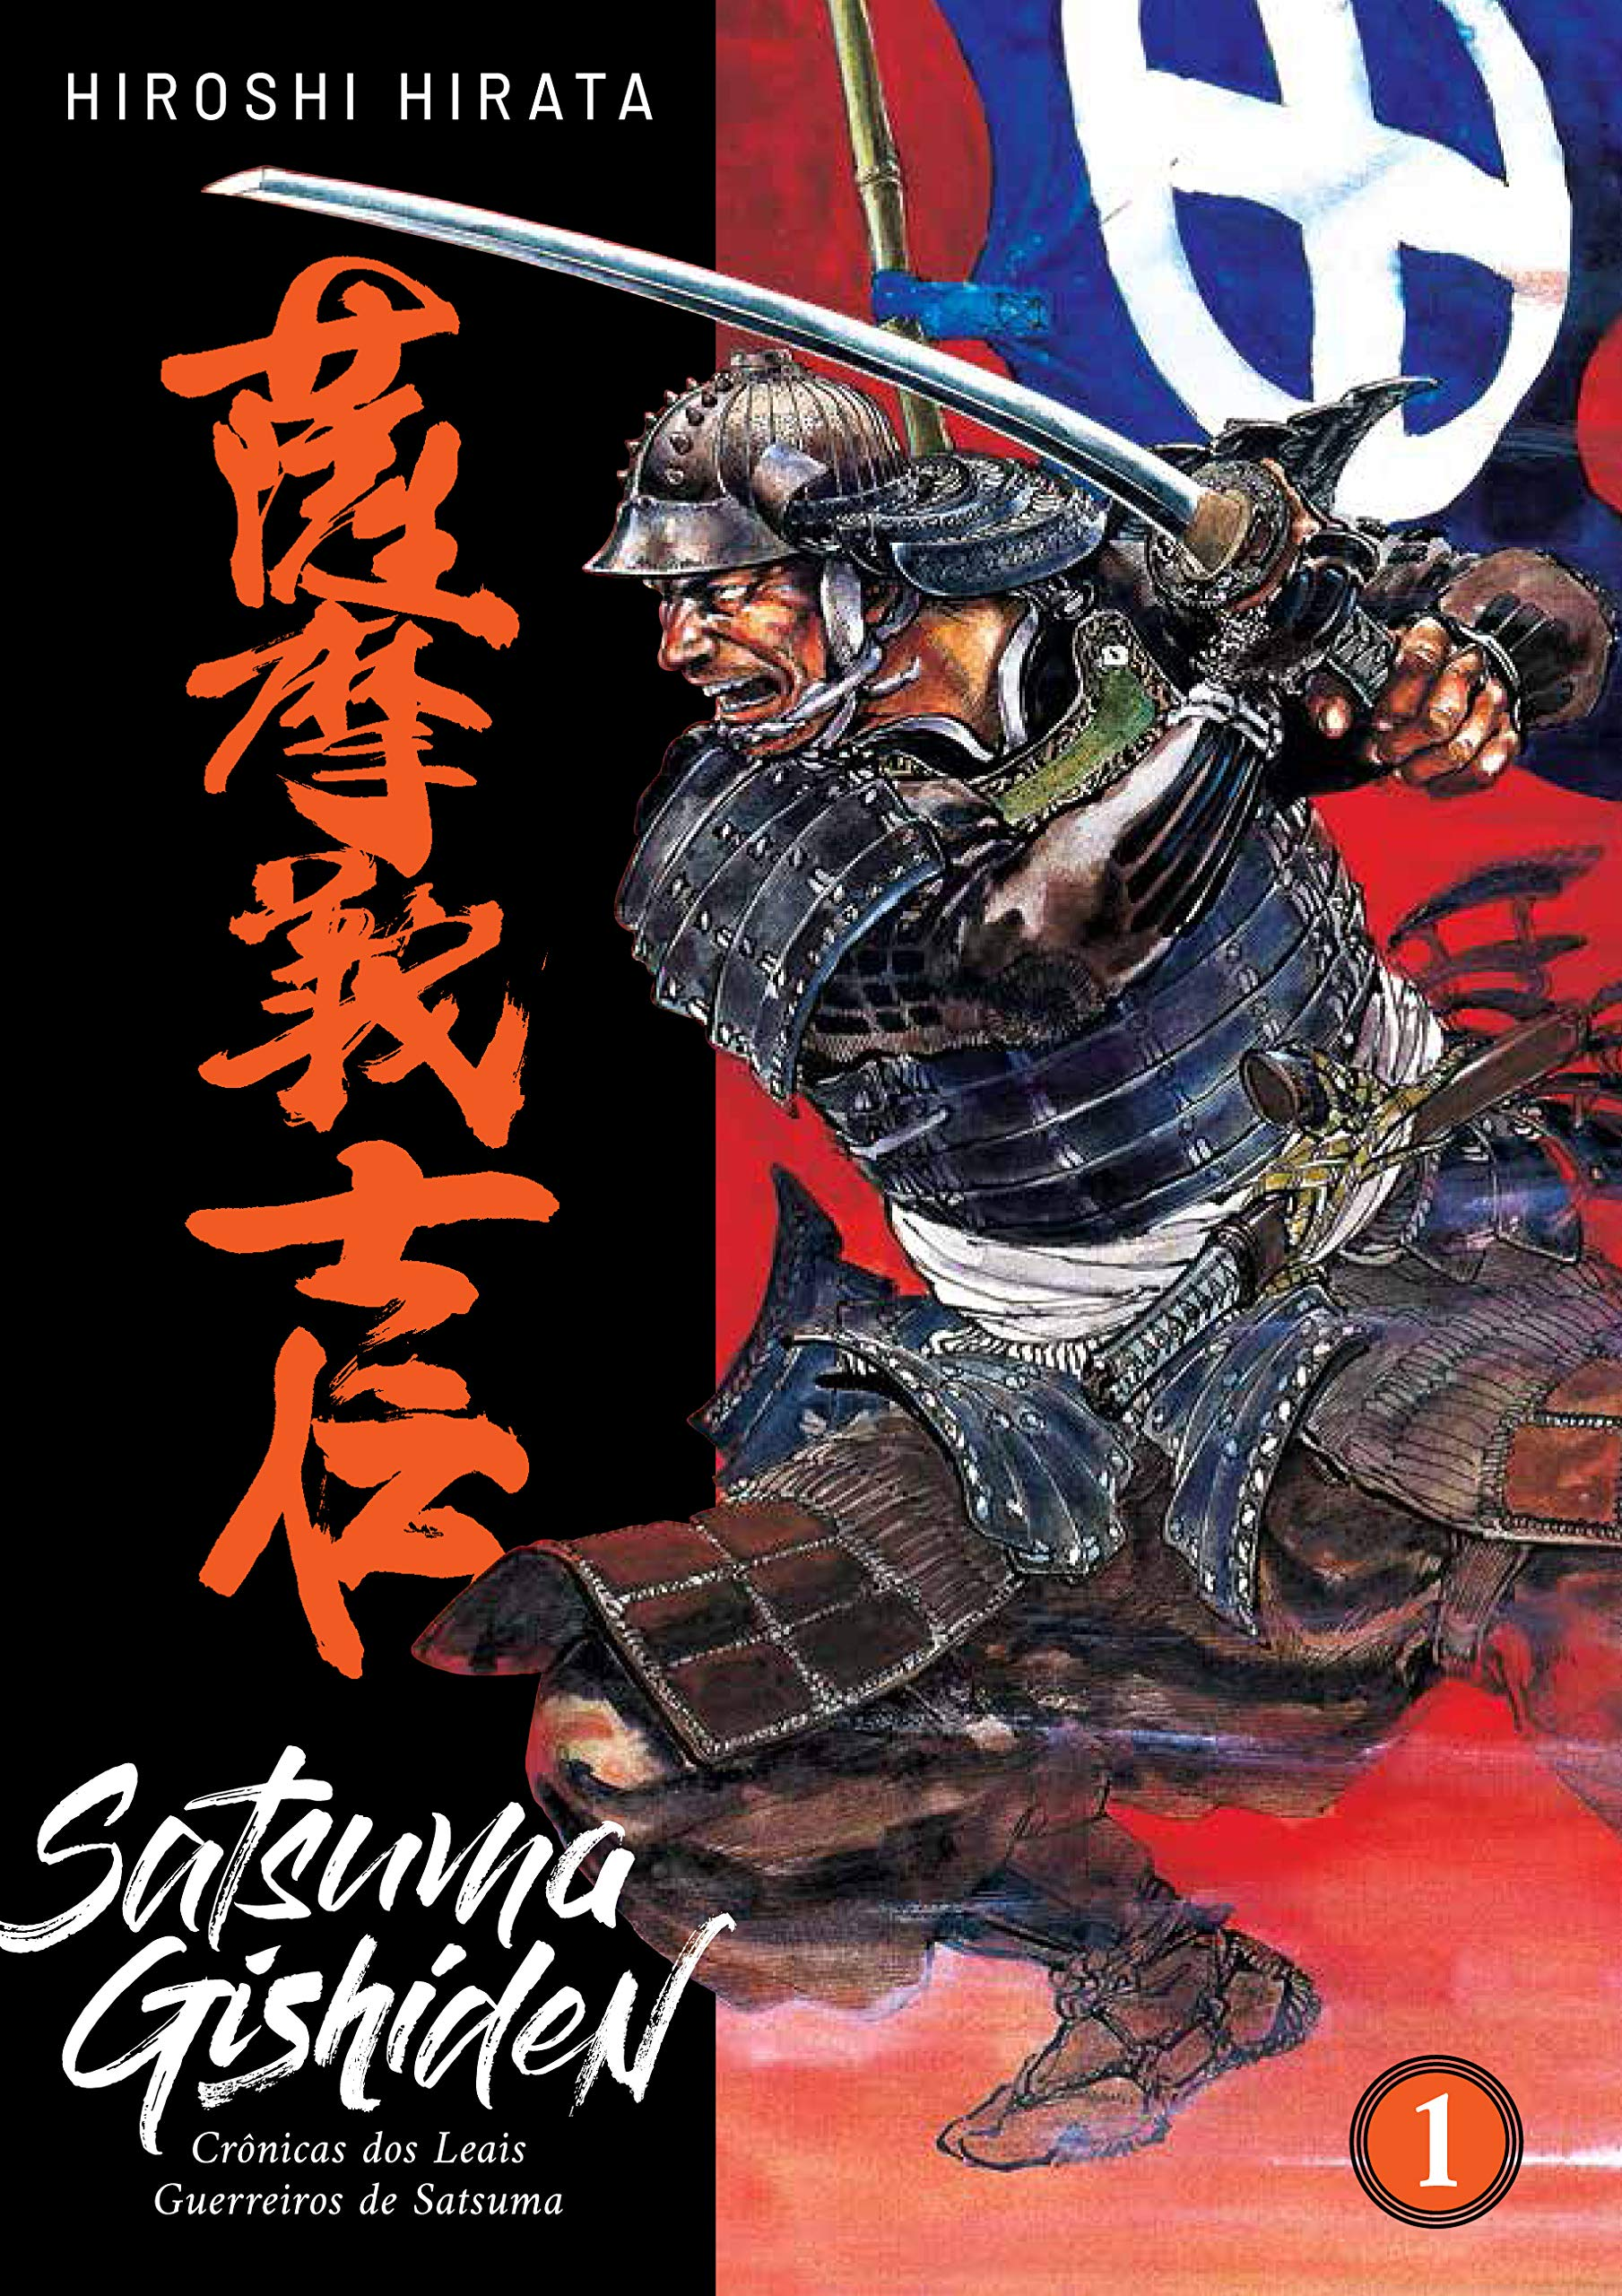 Resenha   Satsuma Gishiden: Crônicas dos Leais Guerreiros de Satsuma – Volume 1